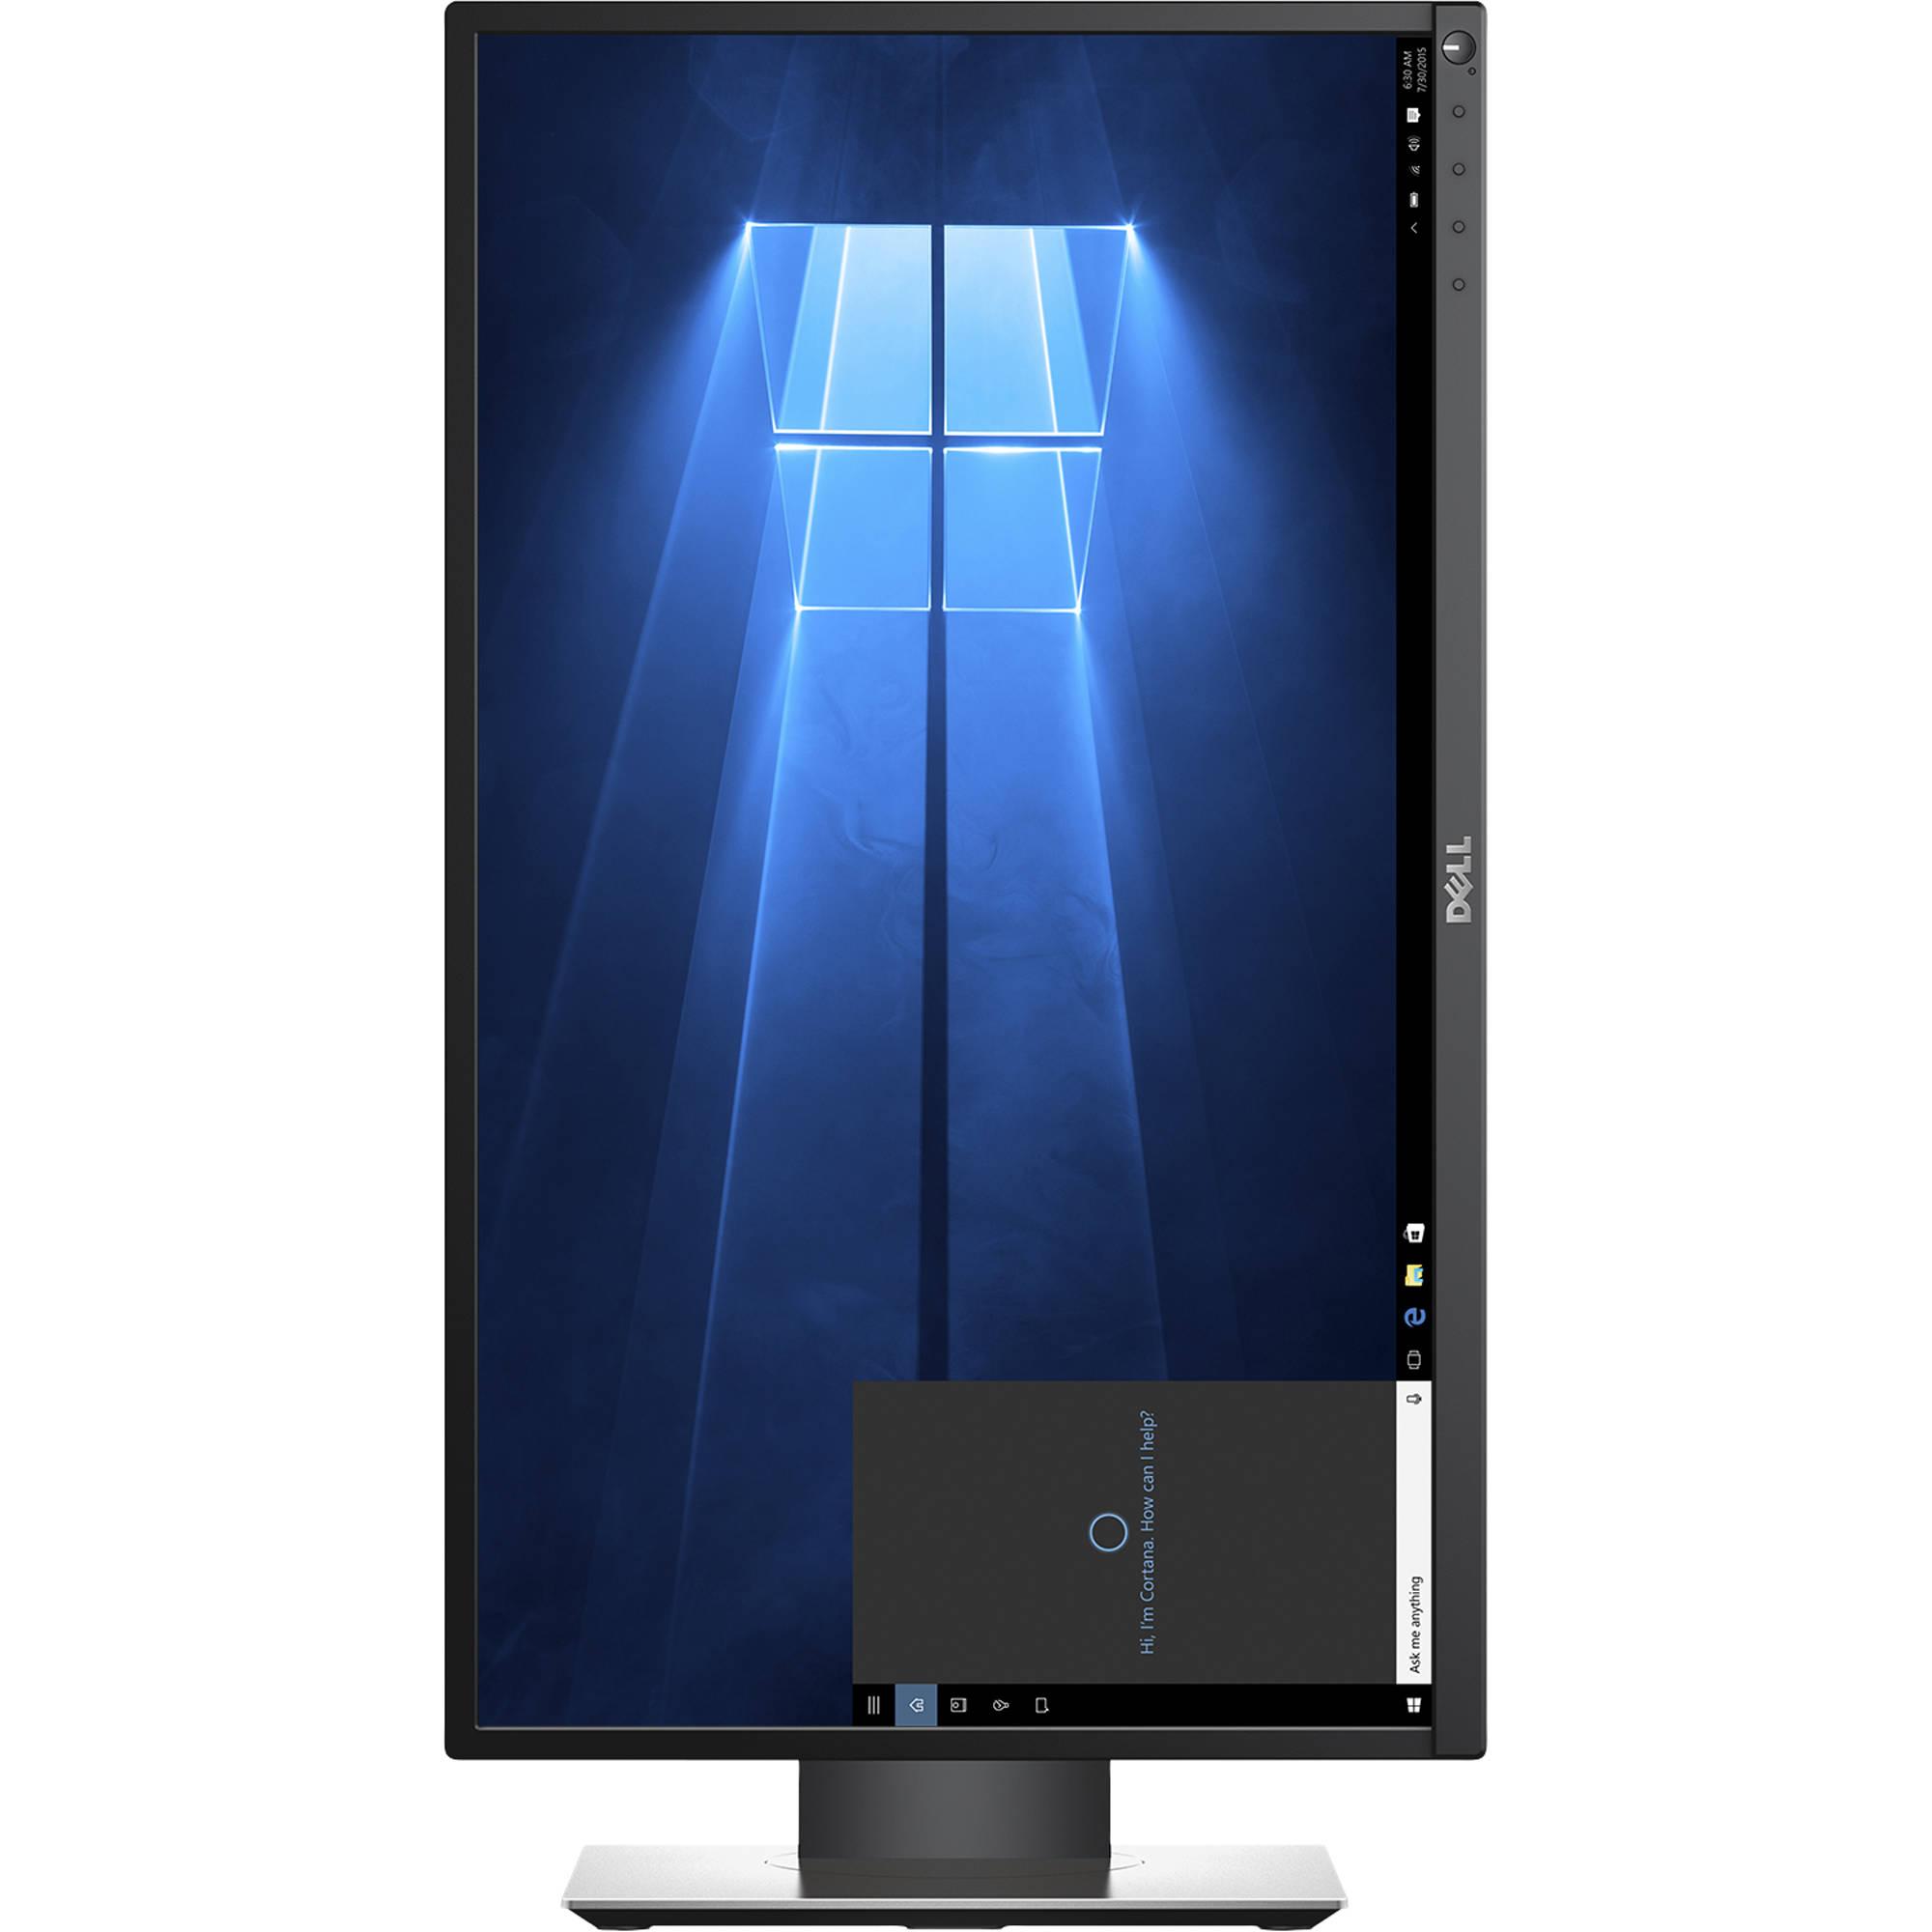 El monitor tiene muy buena ergonomía